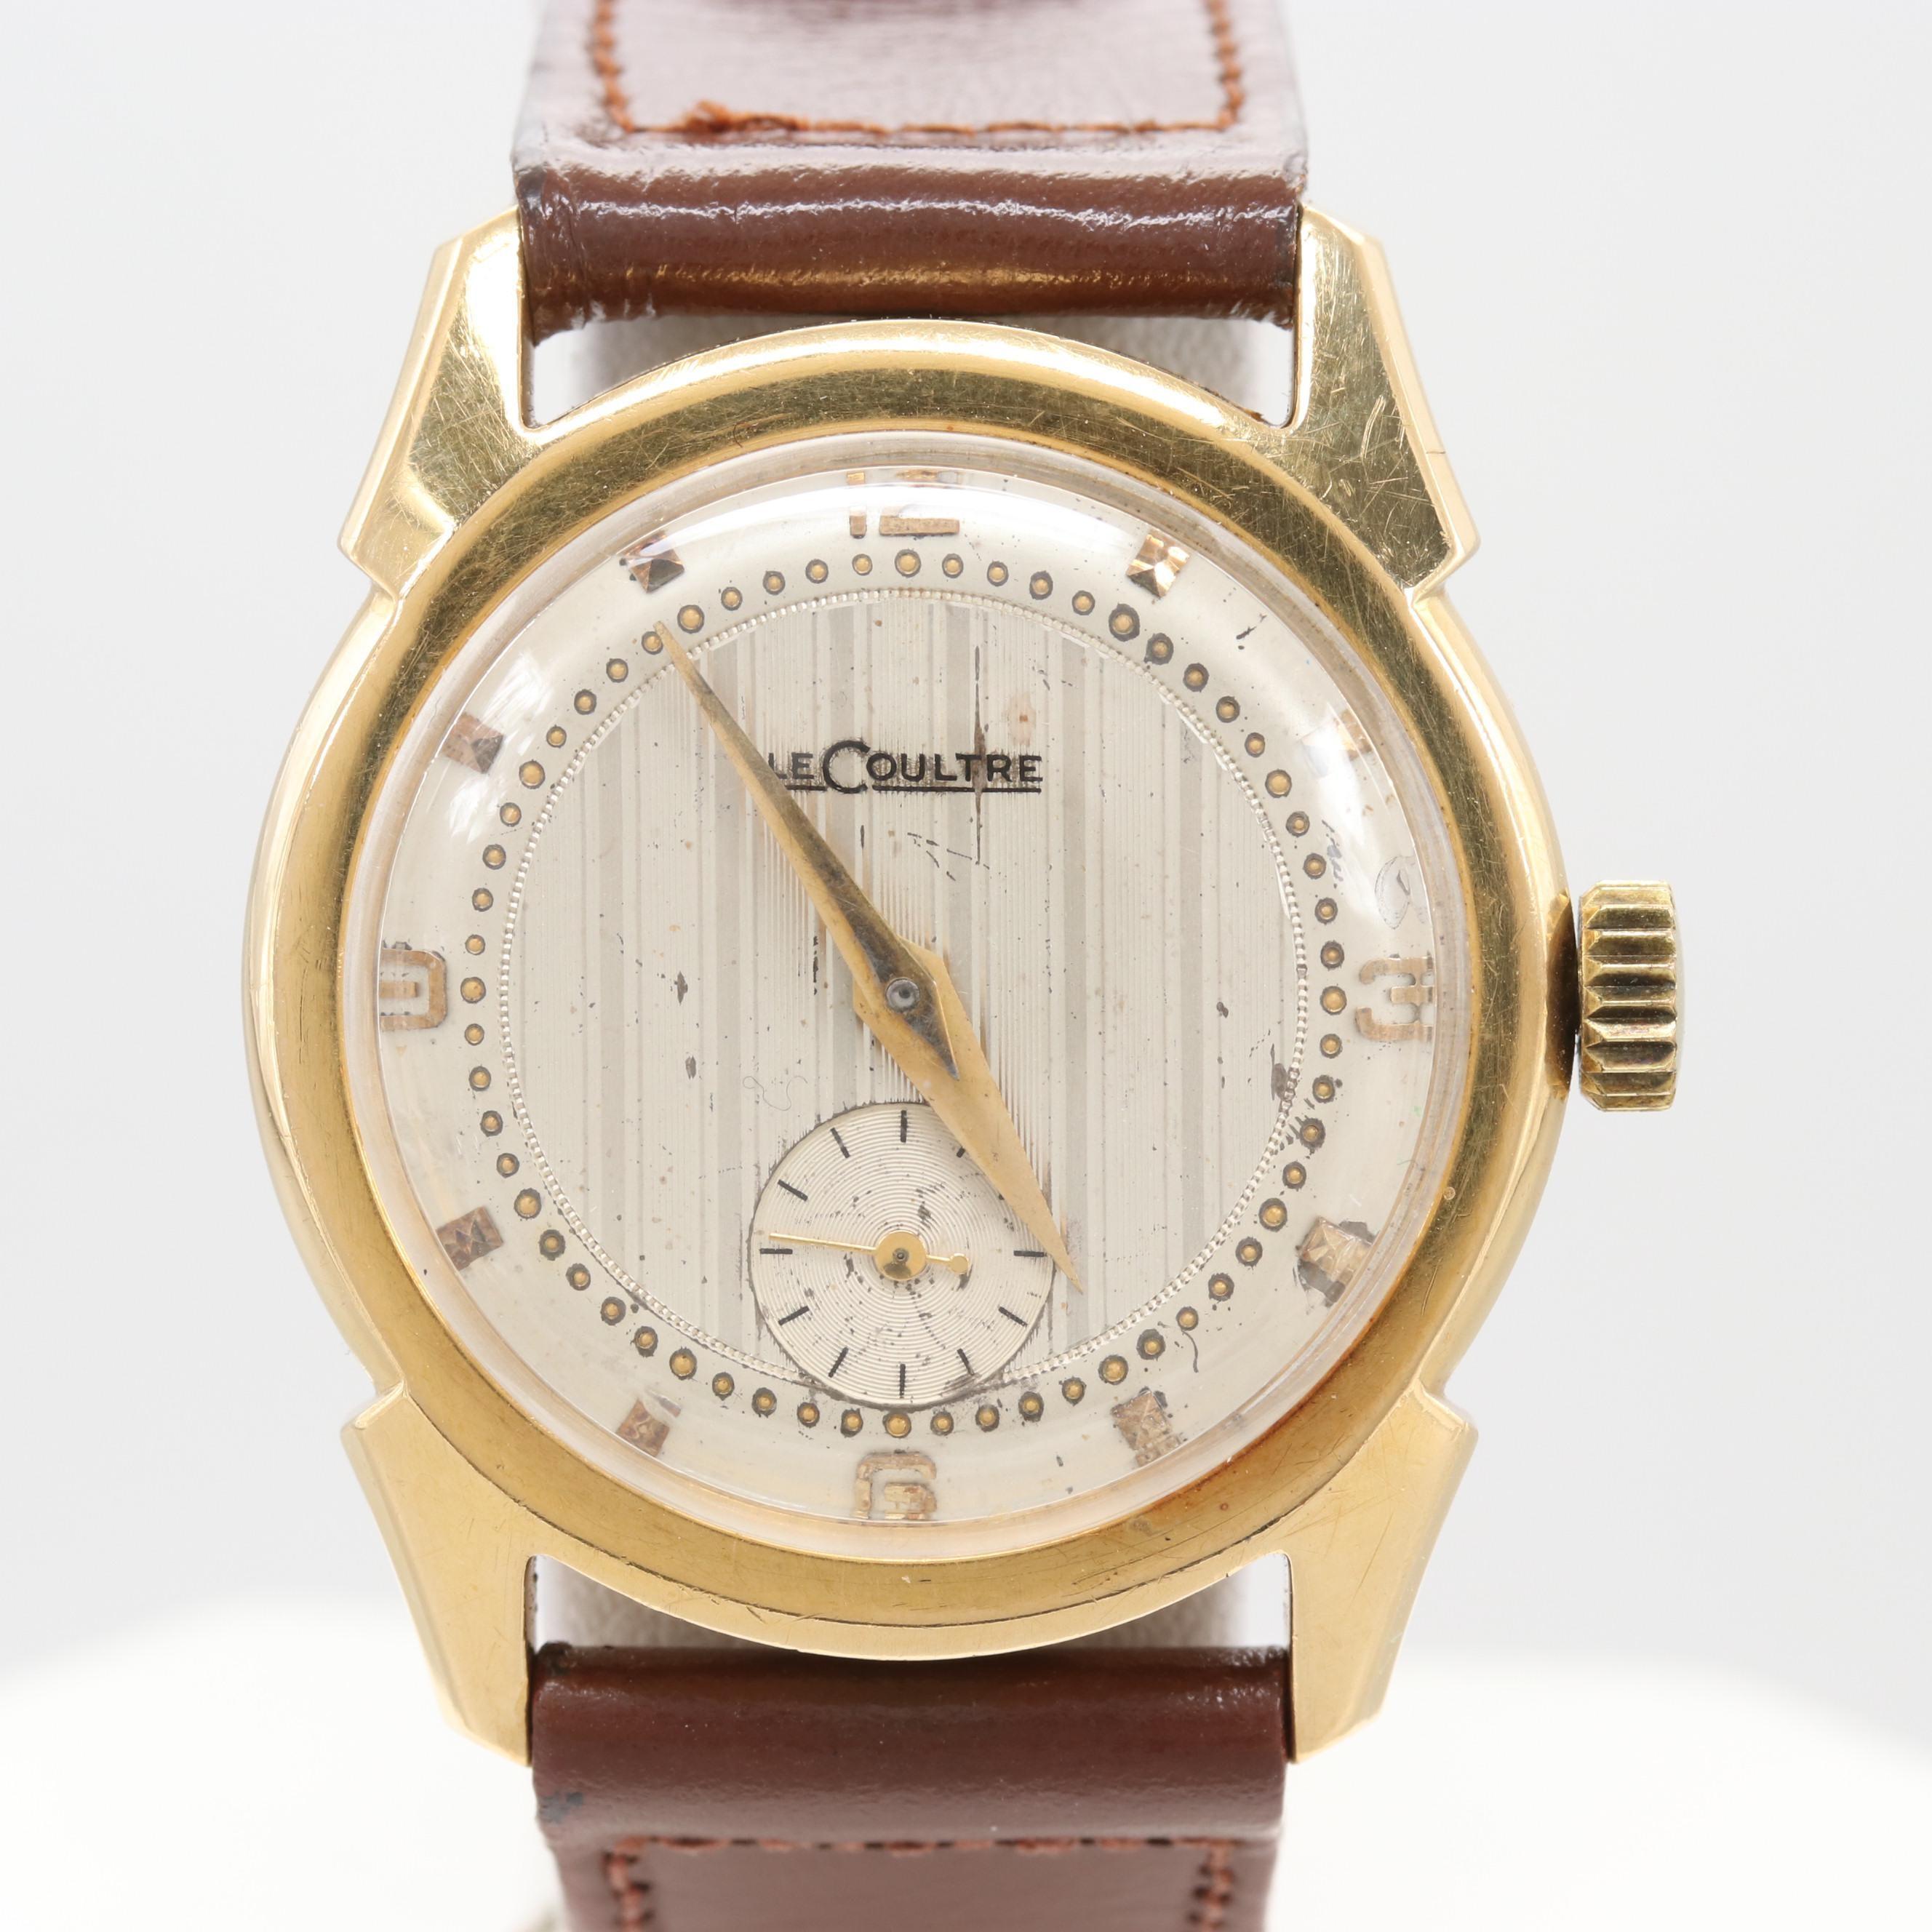 LeCoultre 18K Yellow Gold Wristwatch